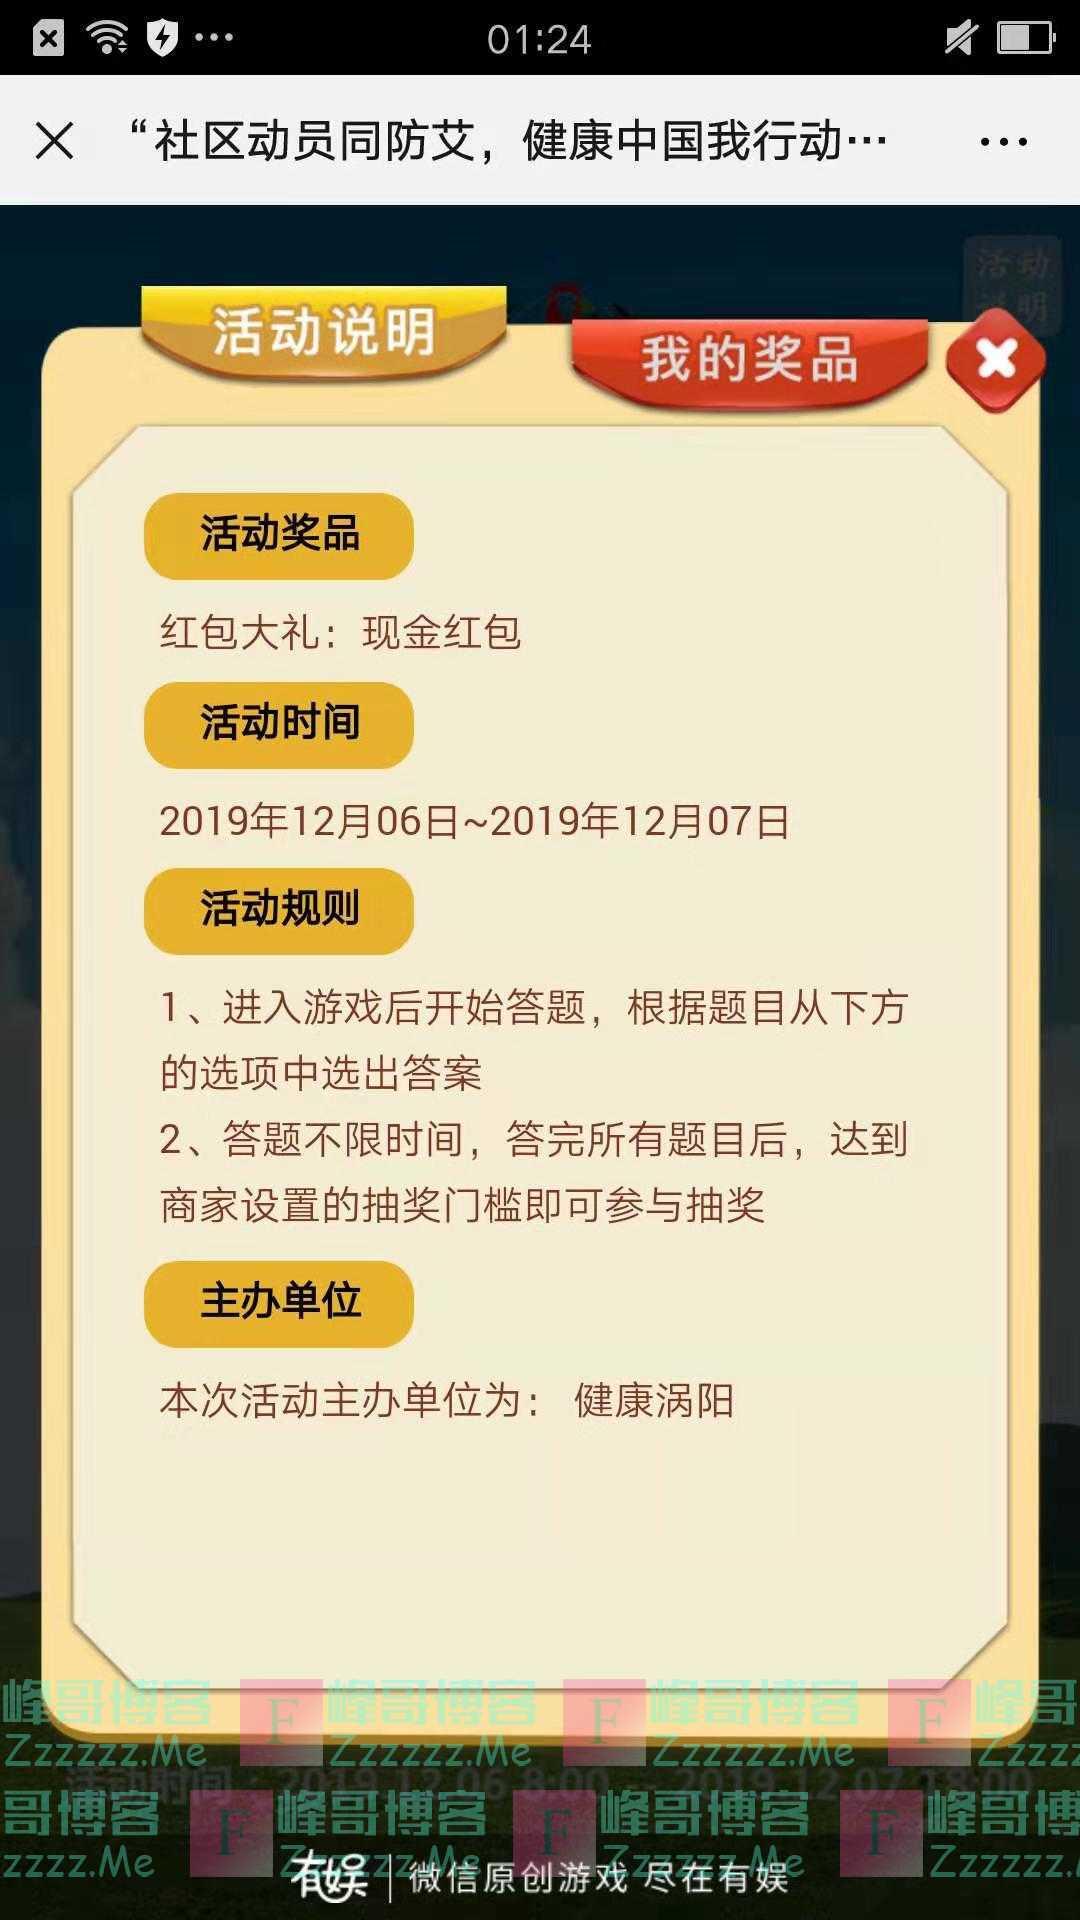 健康涡阳世界艾滋病日有奖竞答(截止12月7日)